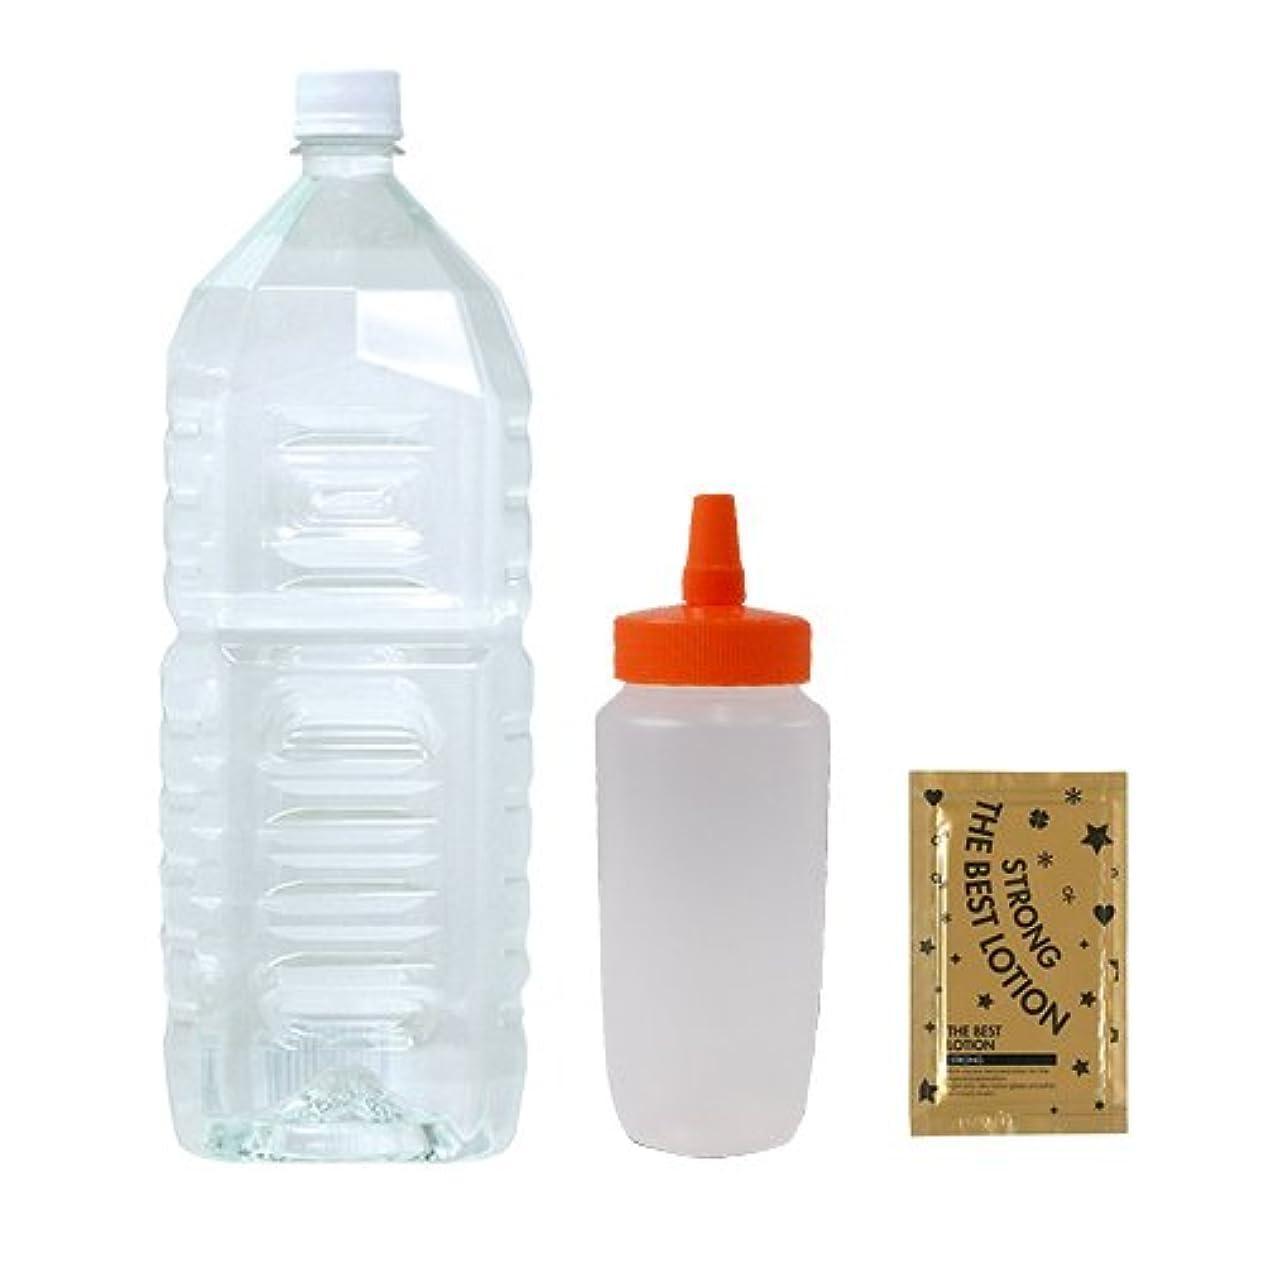 ぴかぴかスクワイア睡眠クリアローション 2Lペットボトル ソフトタイプ 業務用ローション + はちみつ容器360ml(オレンジキャップ)+ ベストローションストロング 1包付き セット